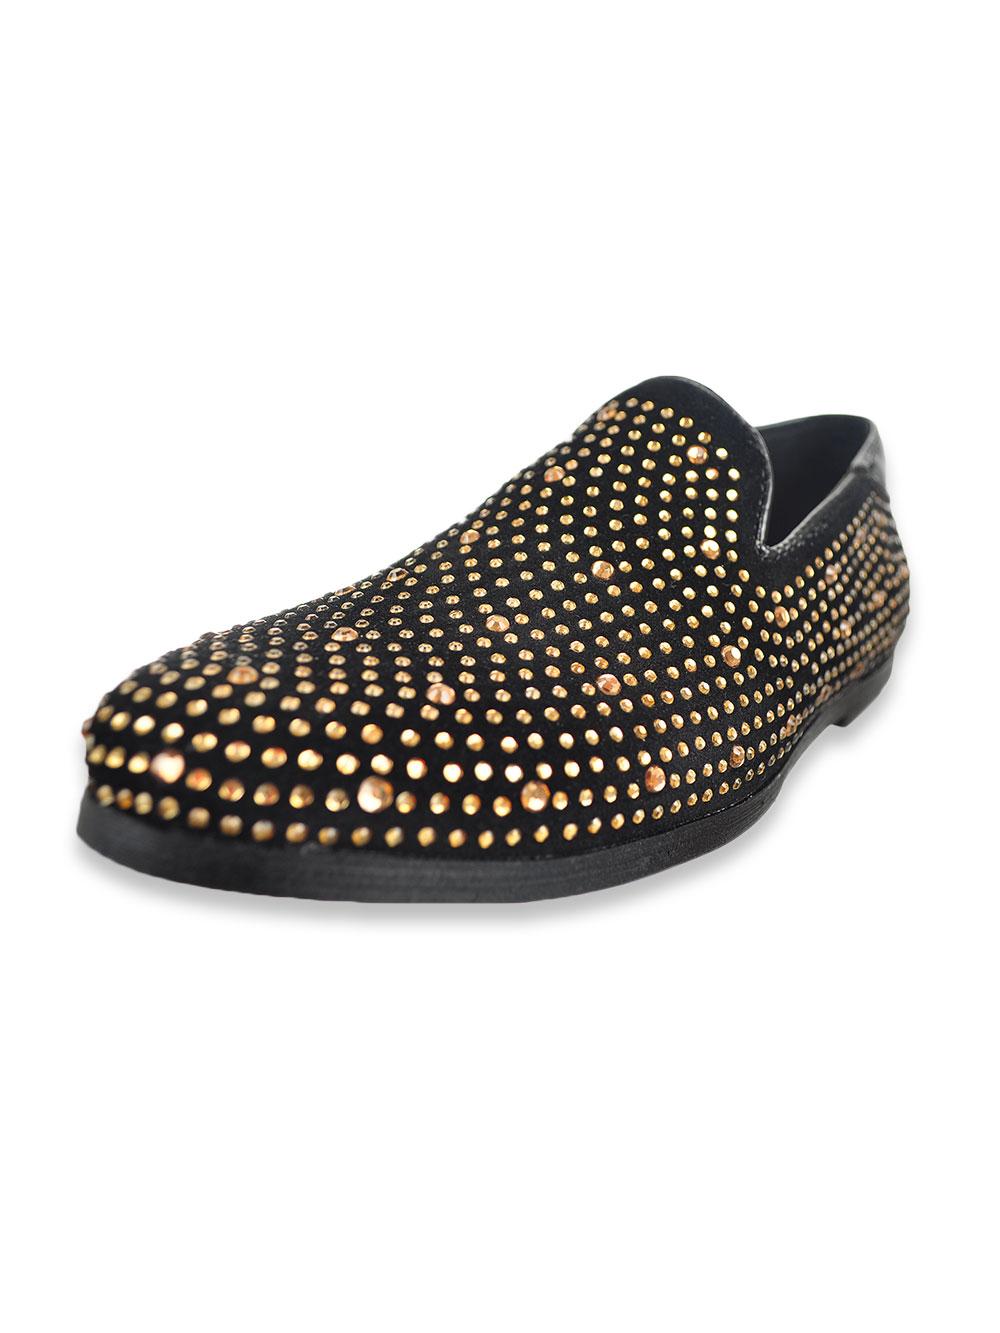 Boys' Studded Loafers by Jodano